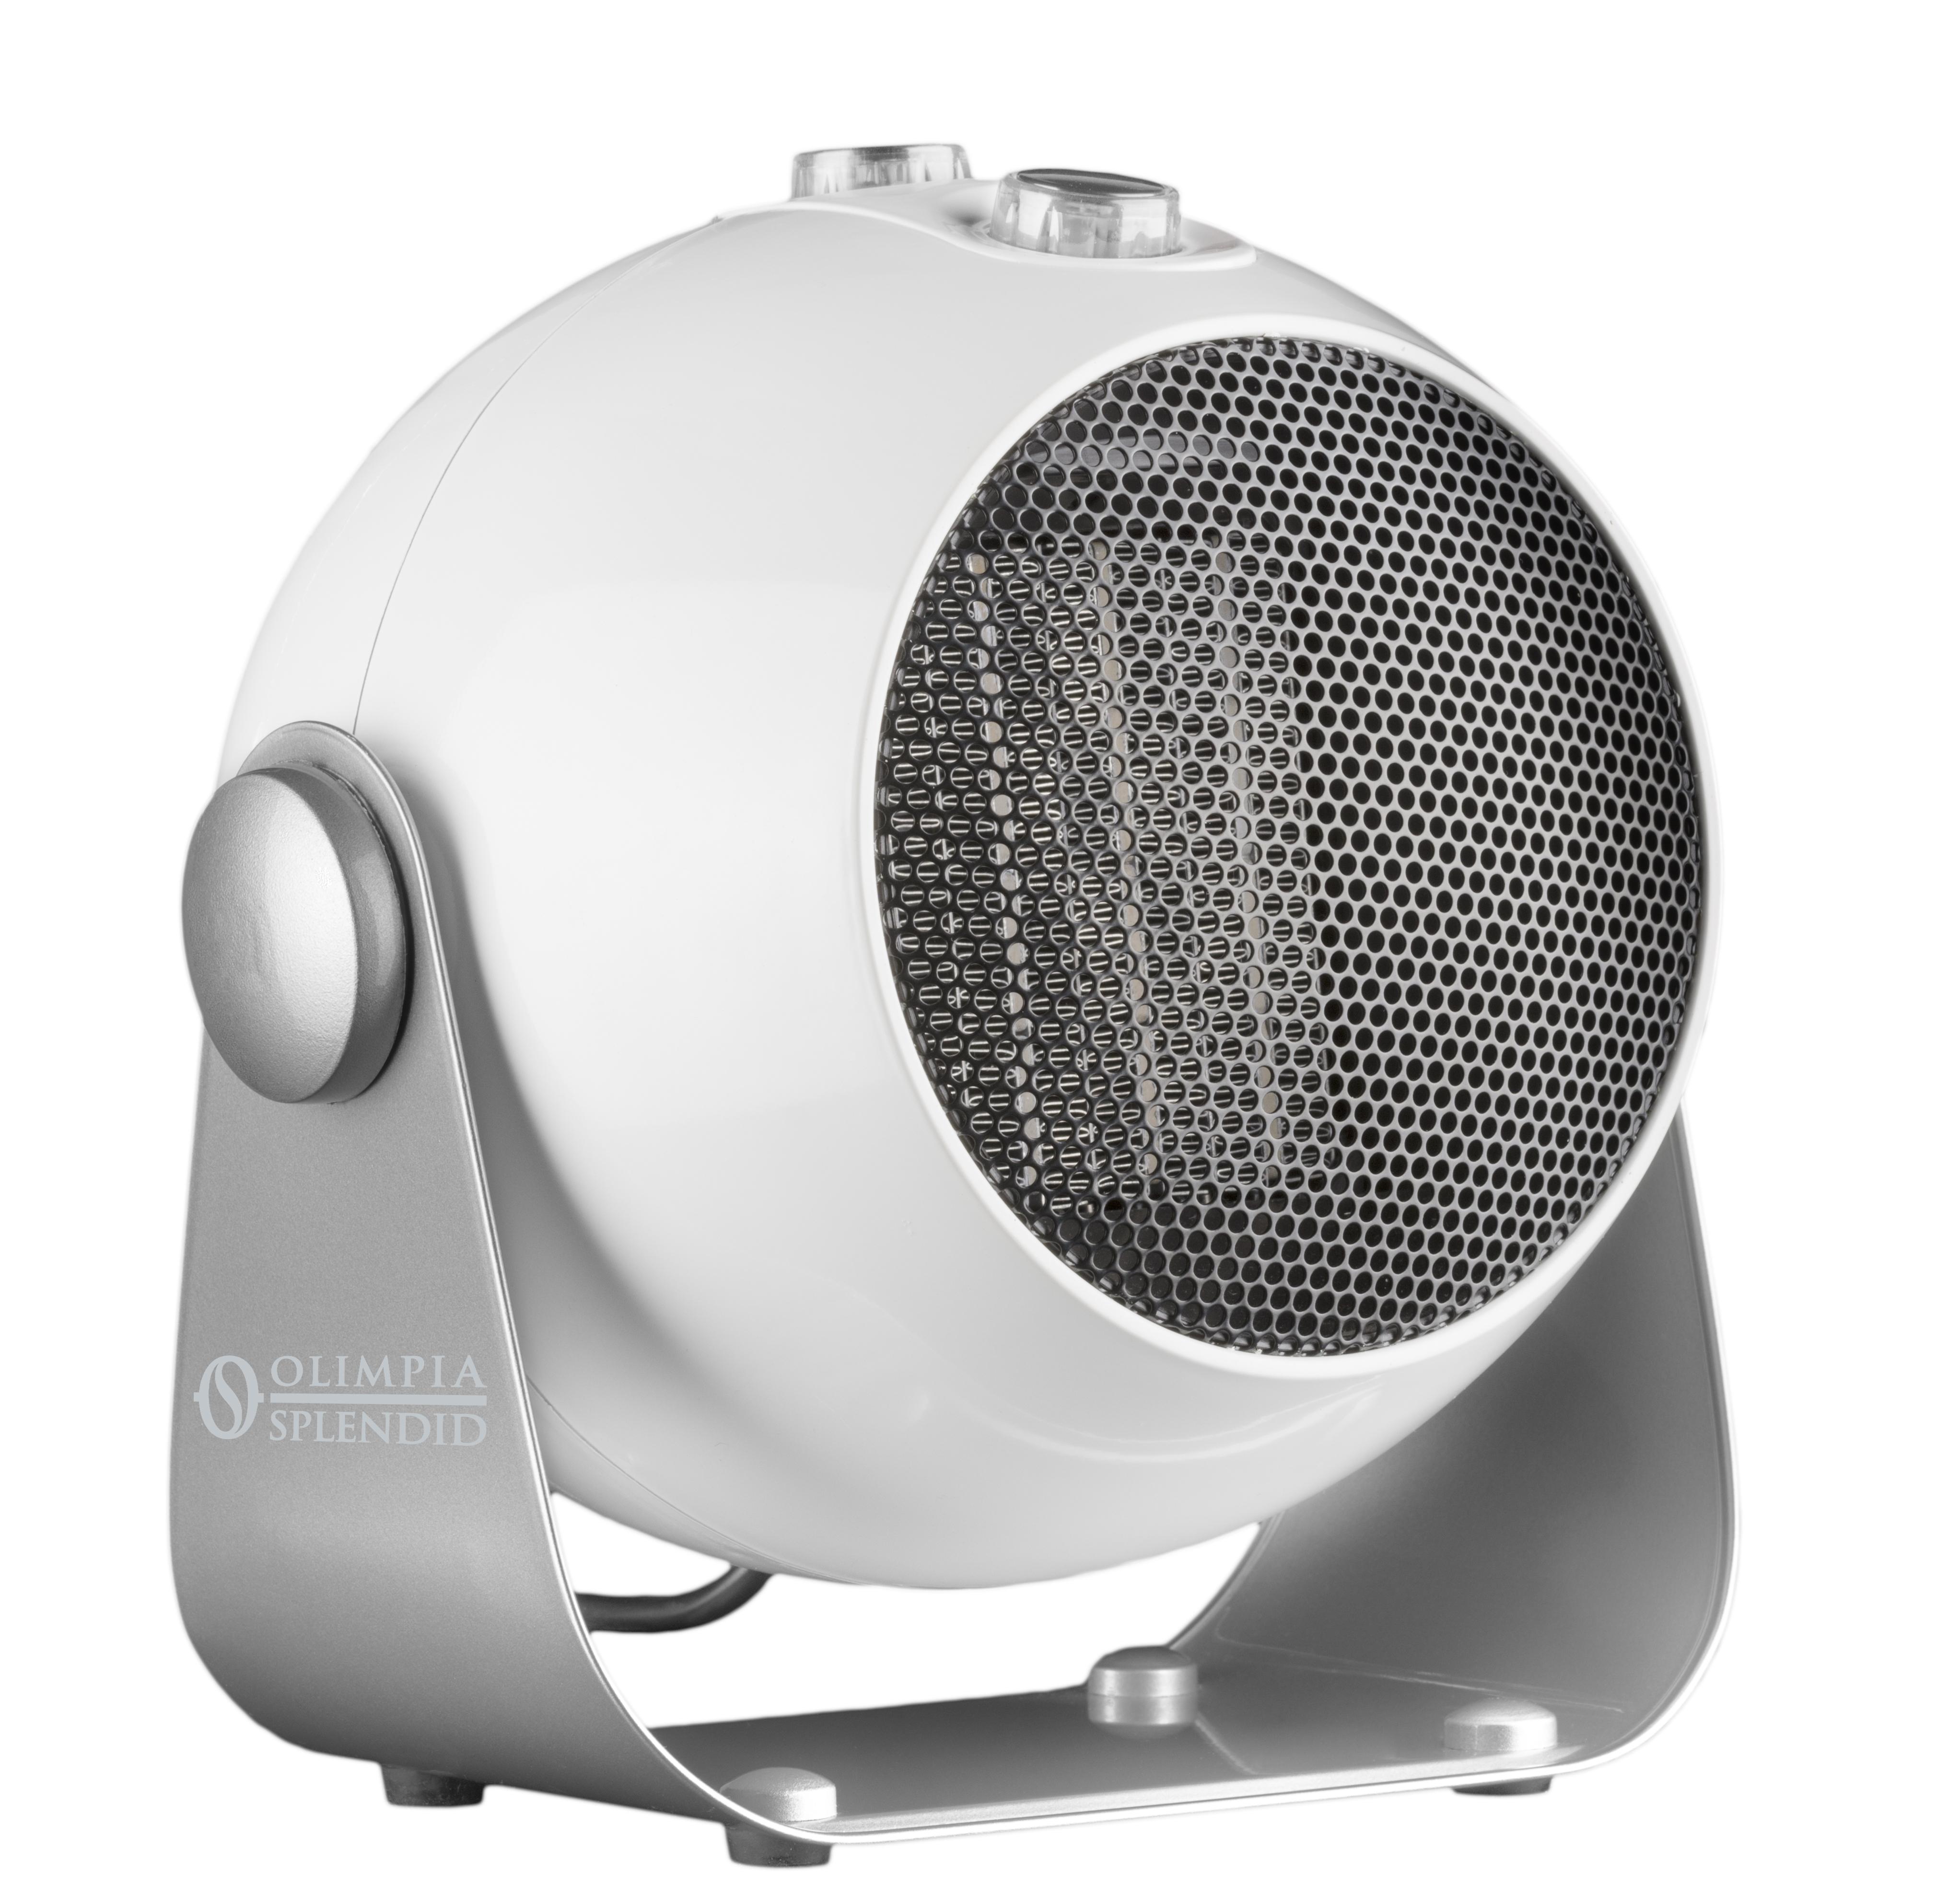 Riscaldamento sistemi di riscaldamento elettrici - Stufette elettriche a infrarossi ...